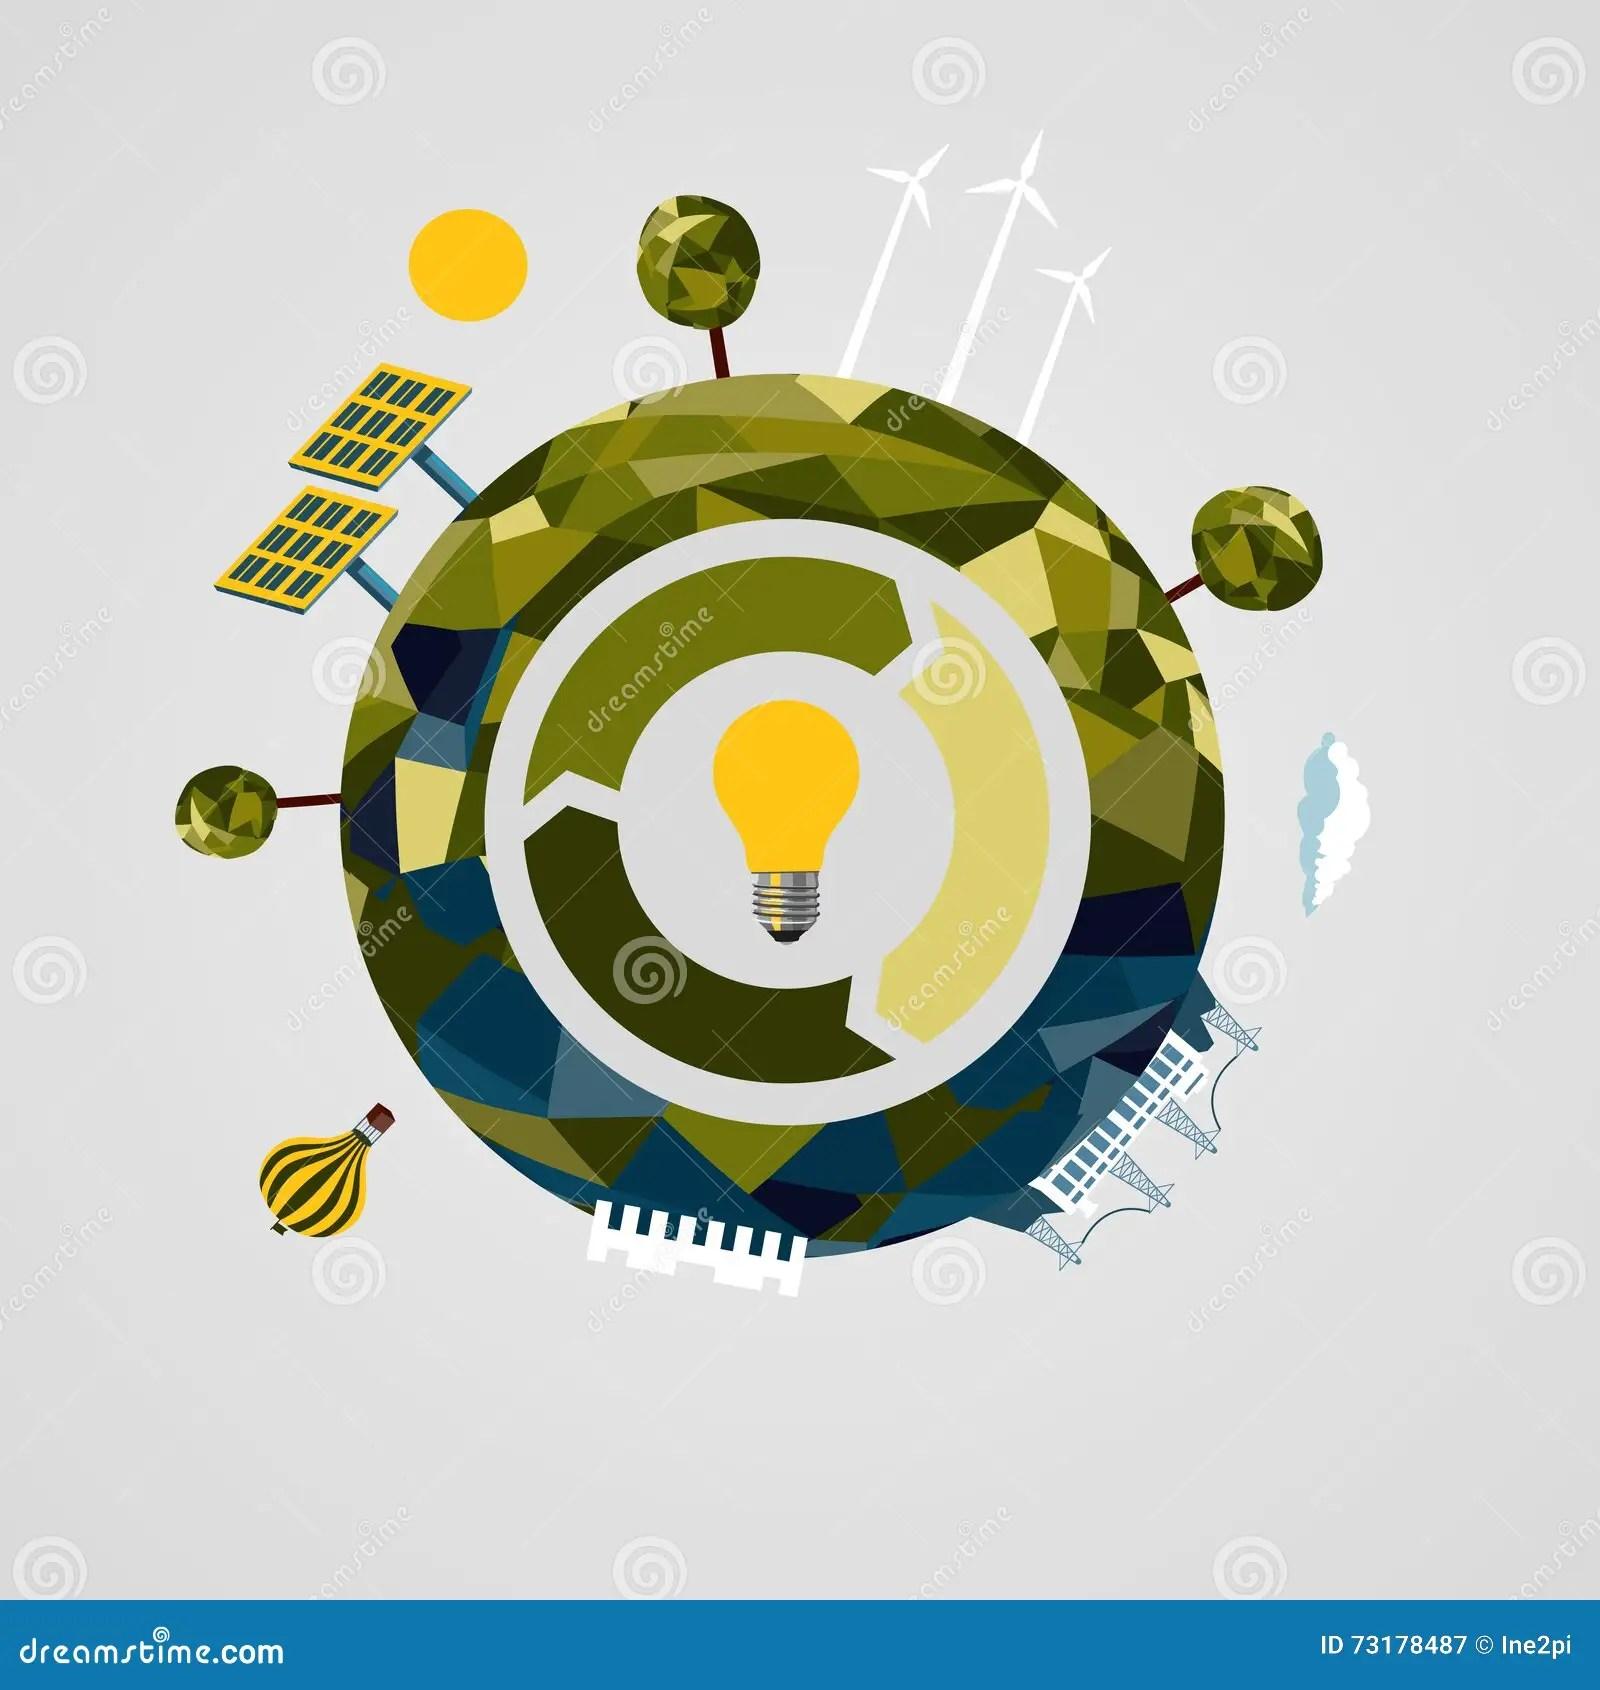 Renewable Power Concept Alternative Energy Sources Sign